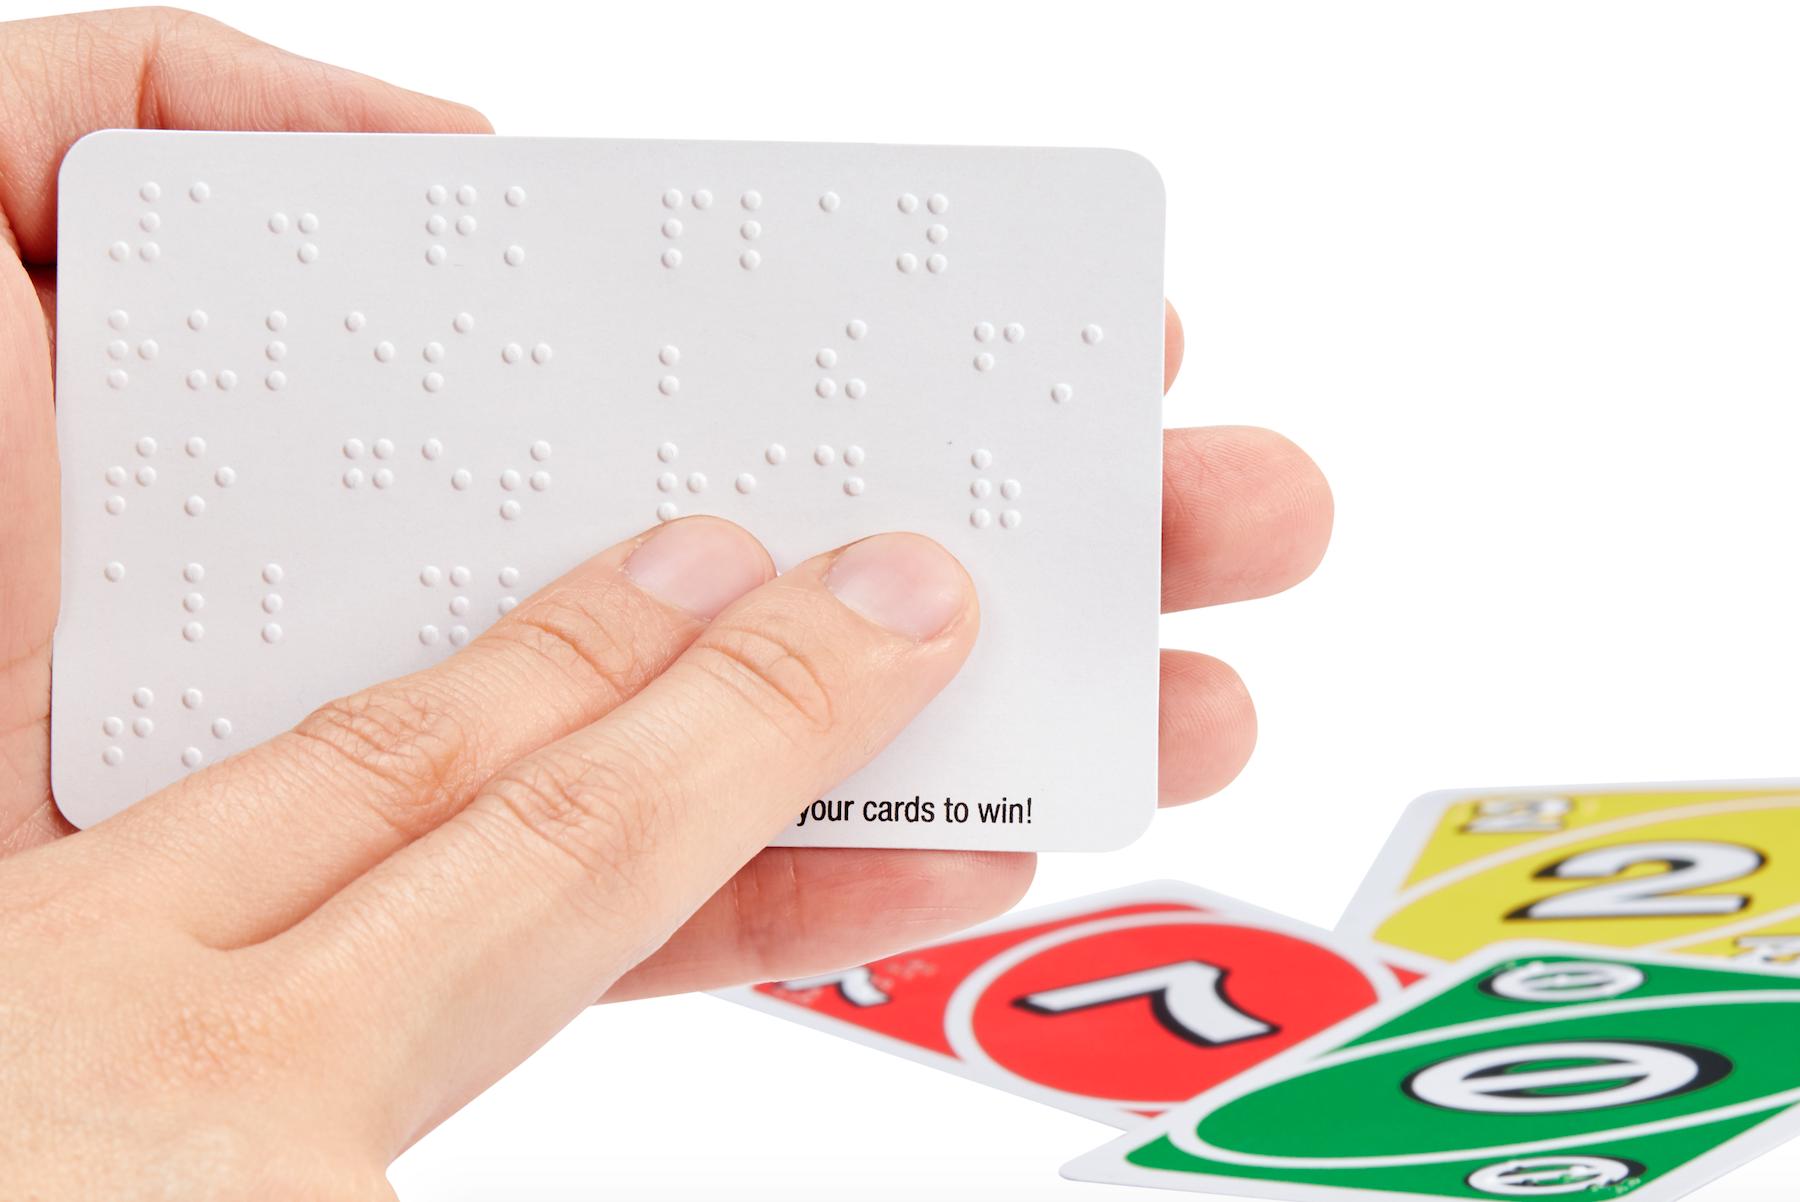 UNO Braille, è nata la nuova versione di UNO per non vedenti thumbnail